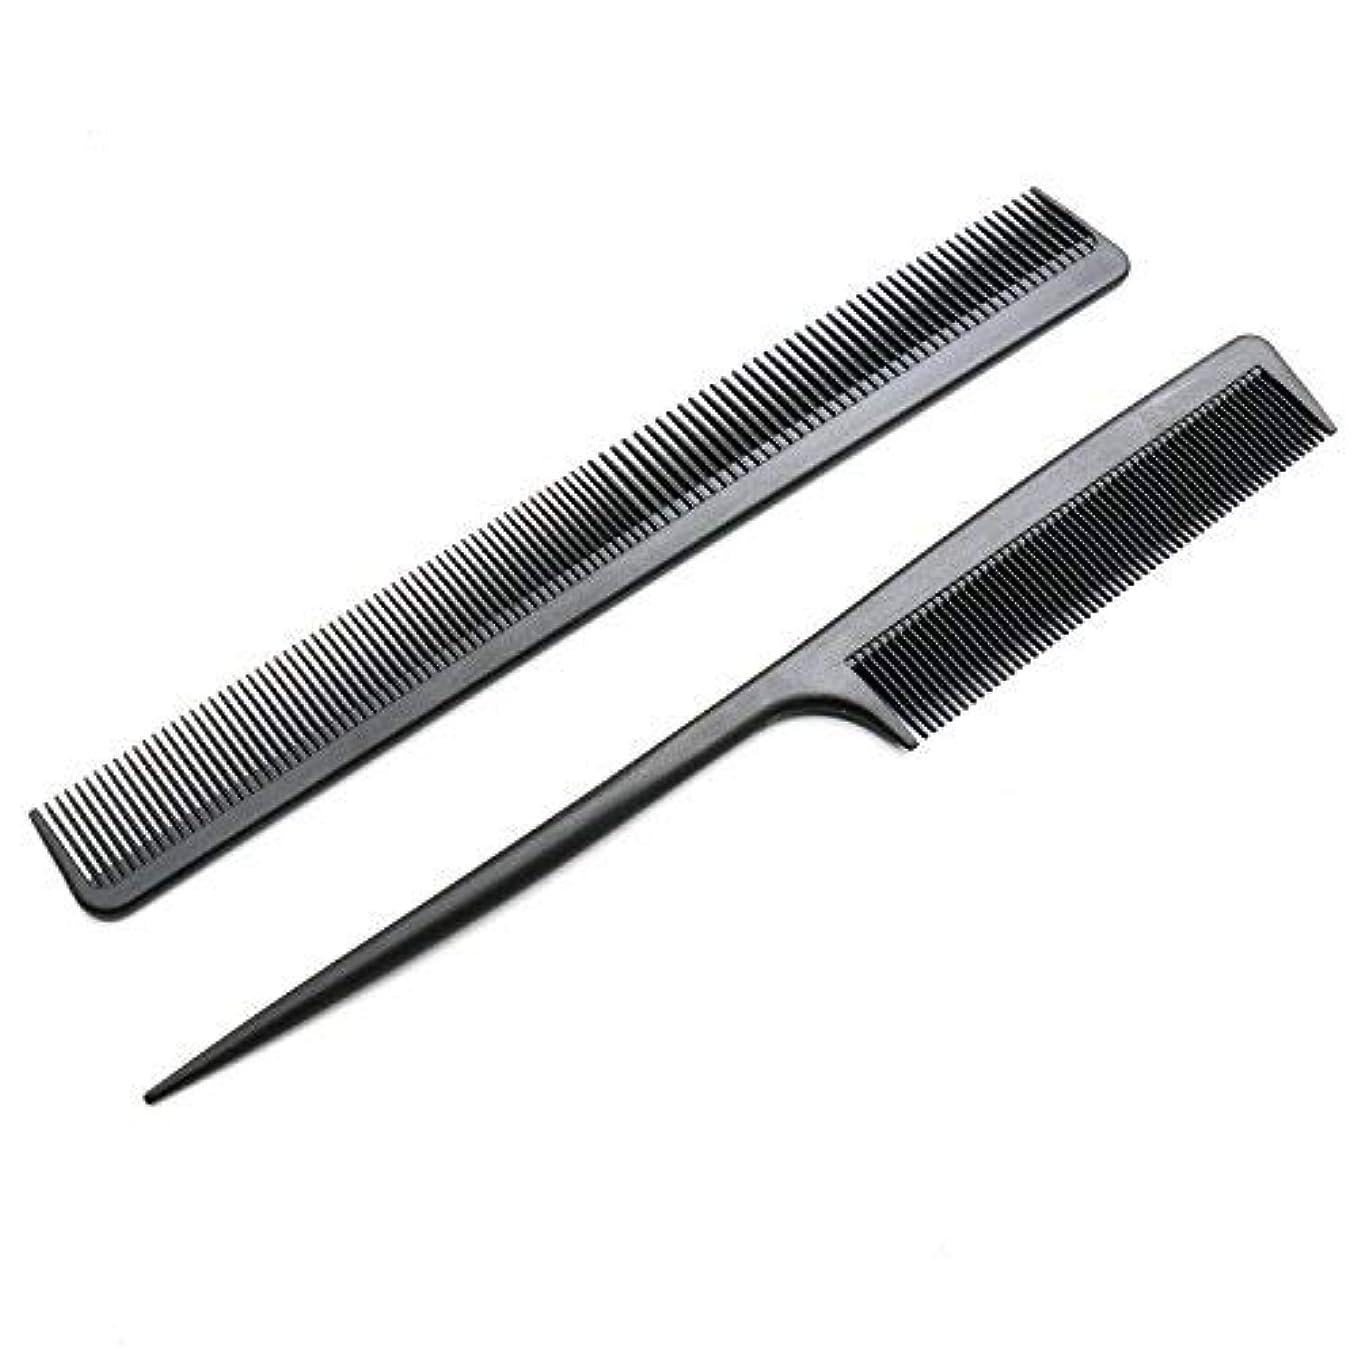 絶えず運河閲覧する2 Pack Carbon Fiber Anti Static Chemical And Heat Resistant Tail Comb For All Hair Types,Black [並行輸入品]